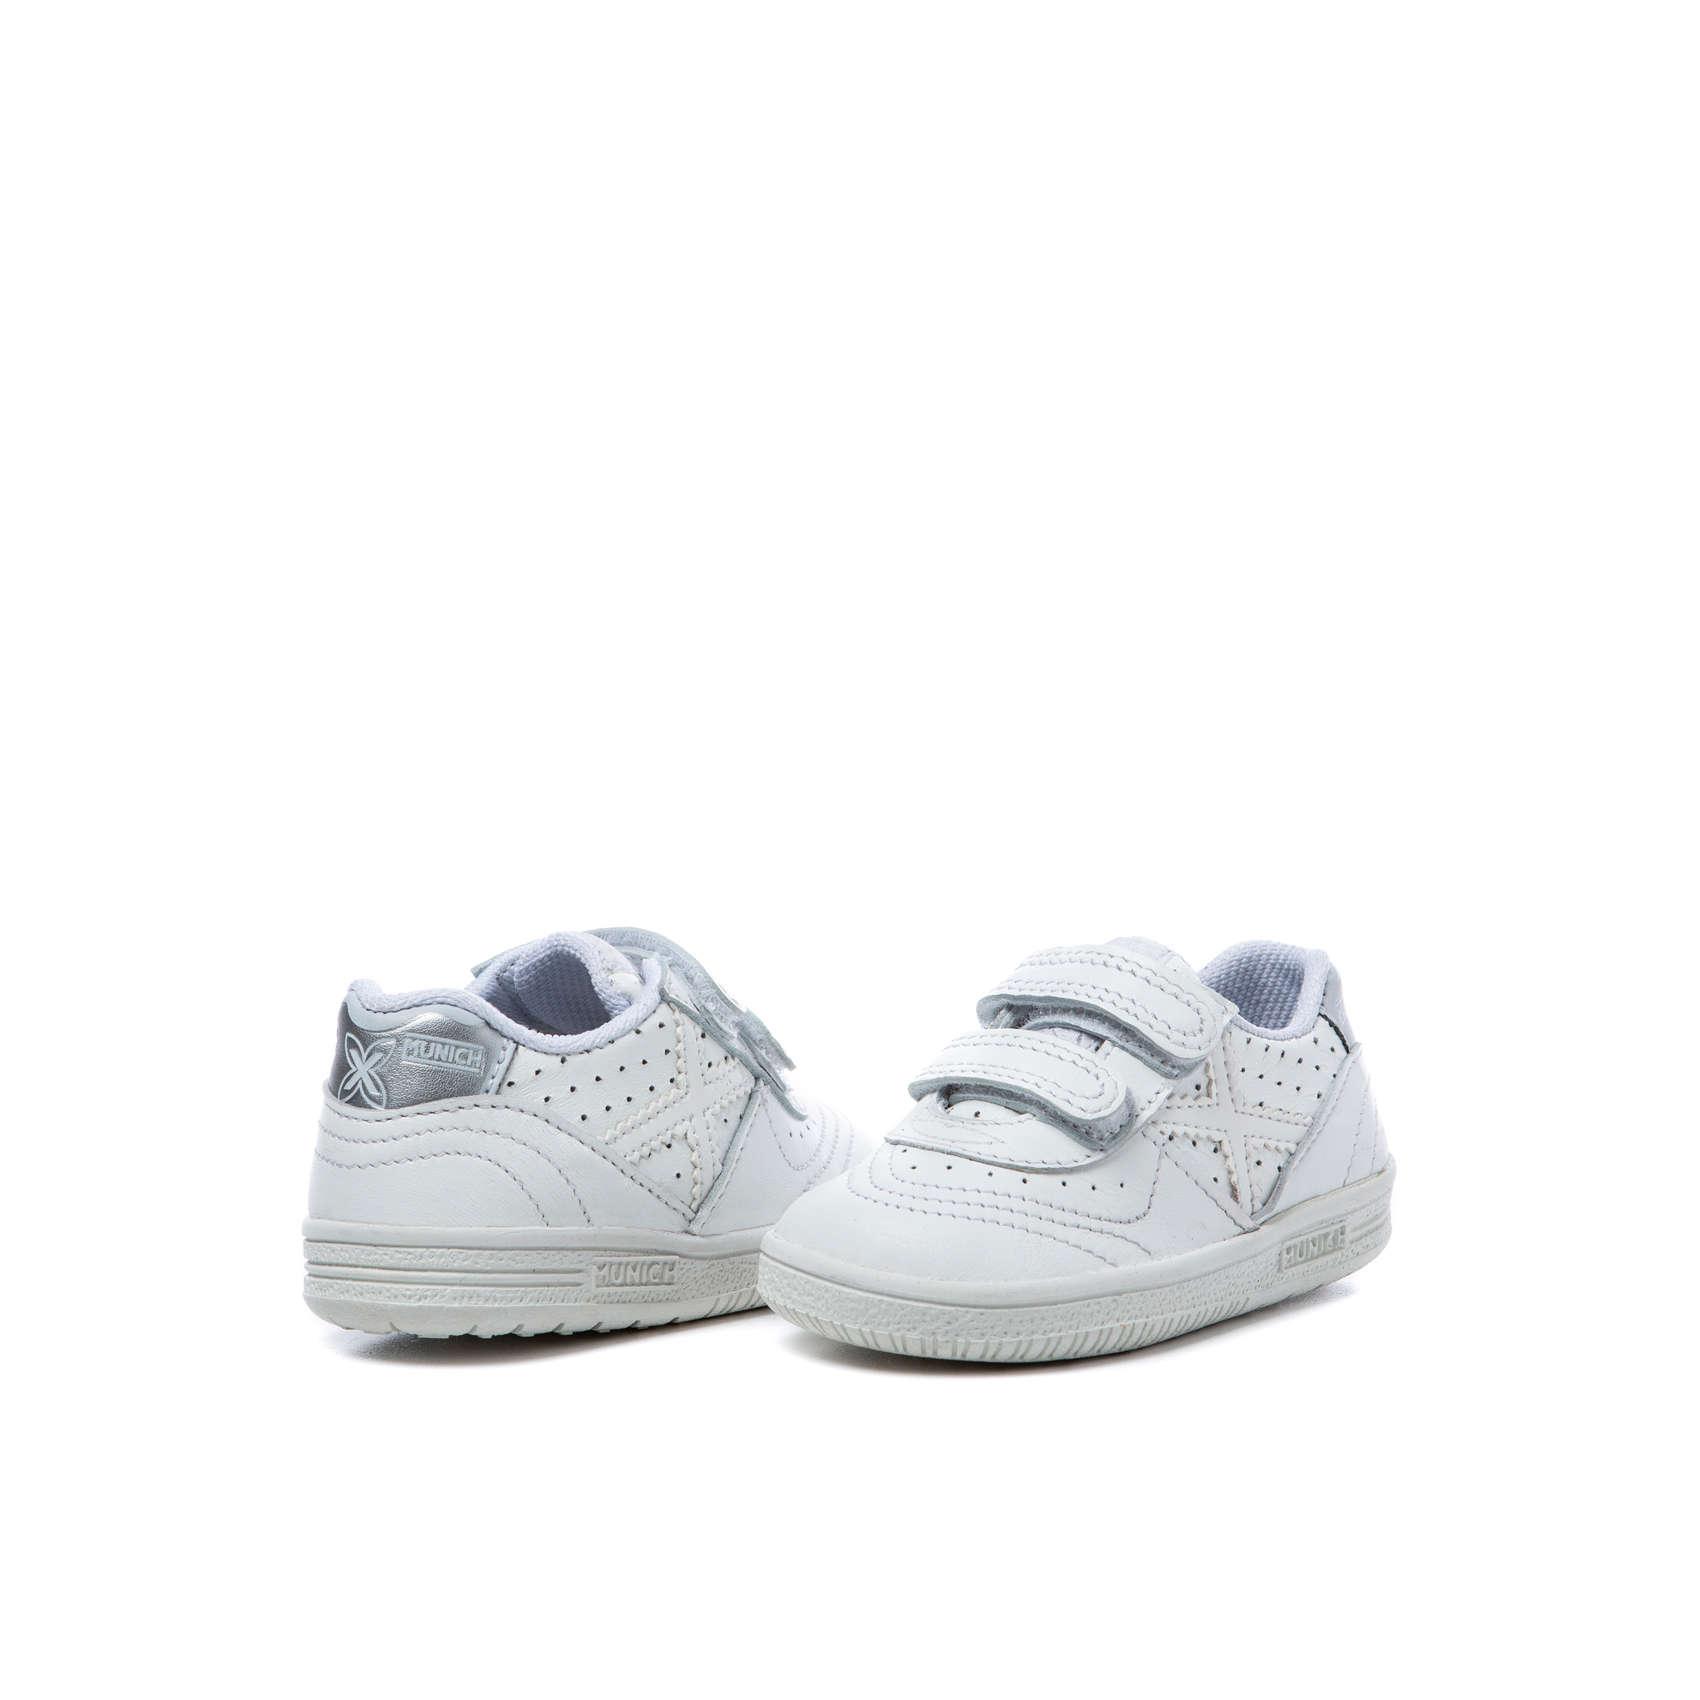 BABY GRESCA 297